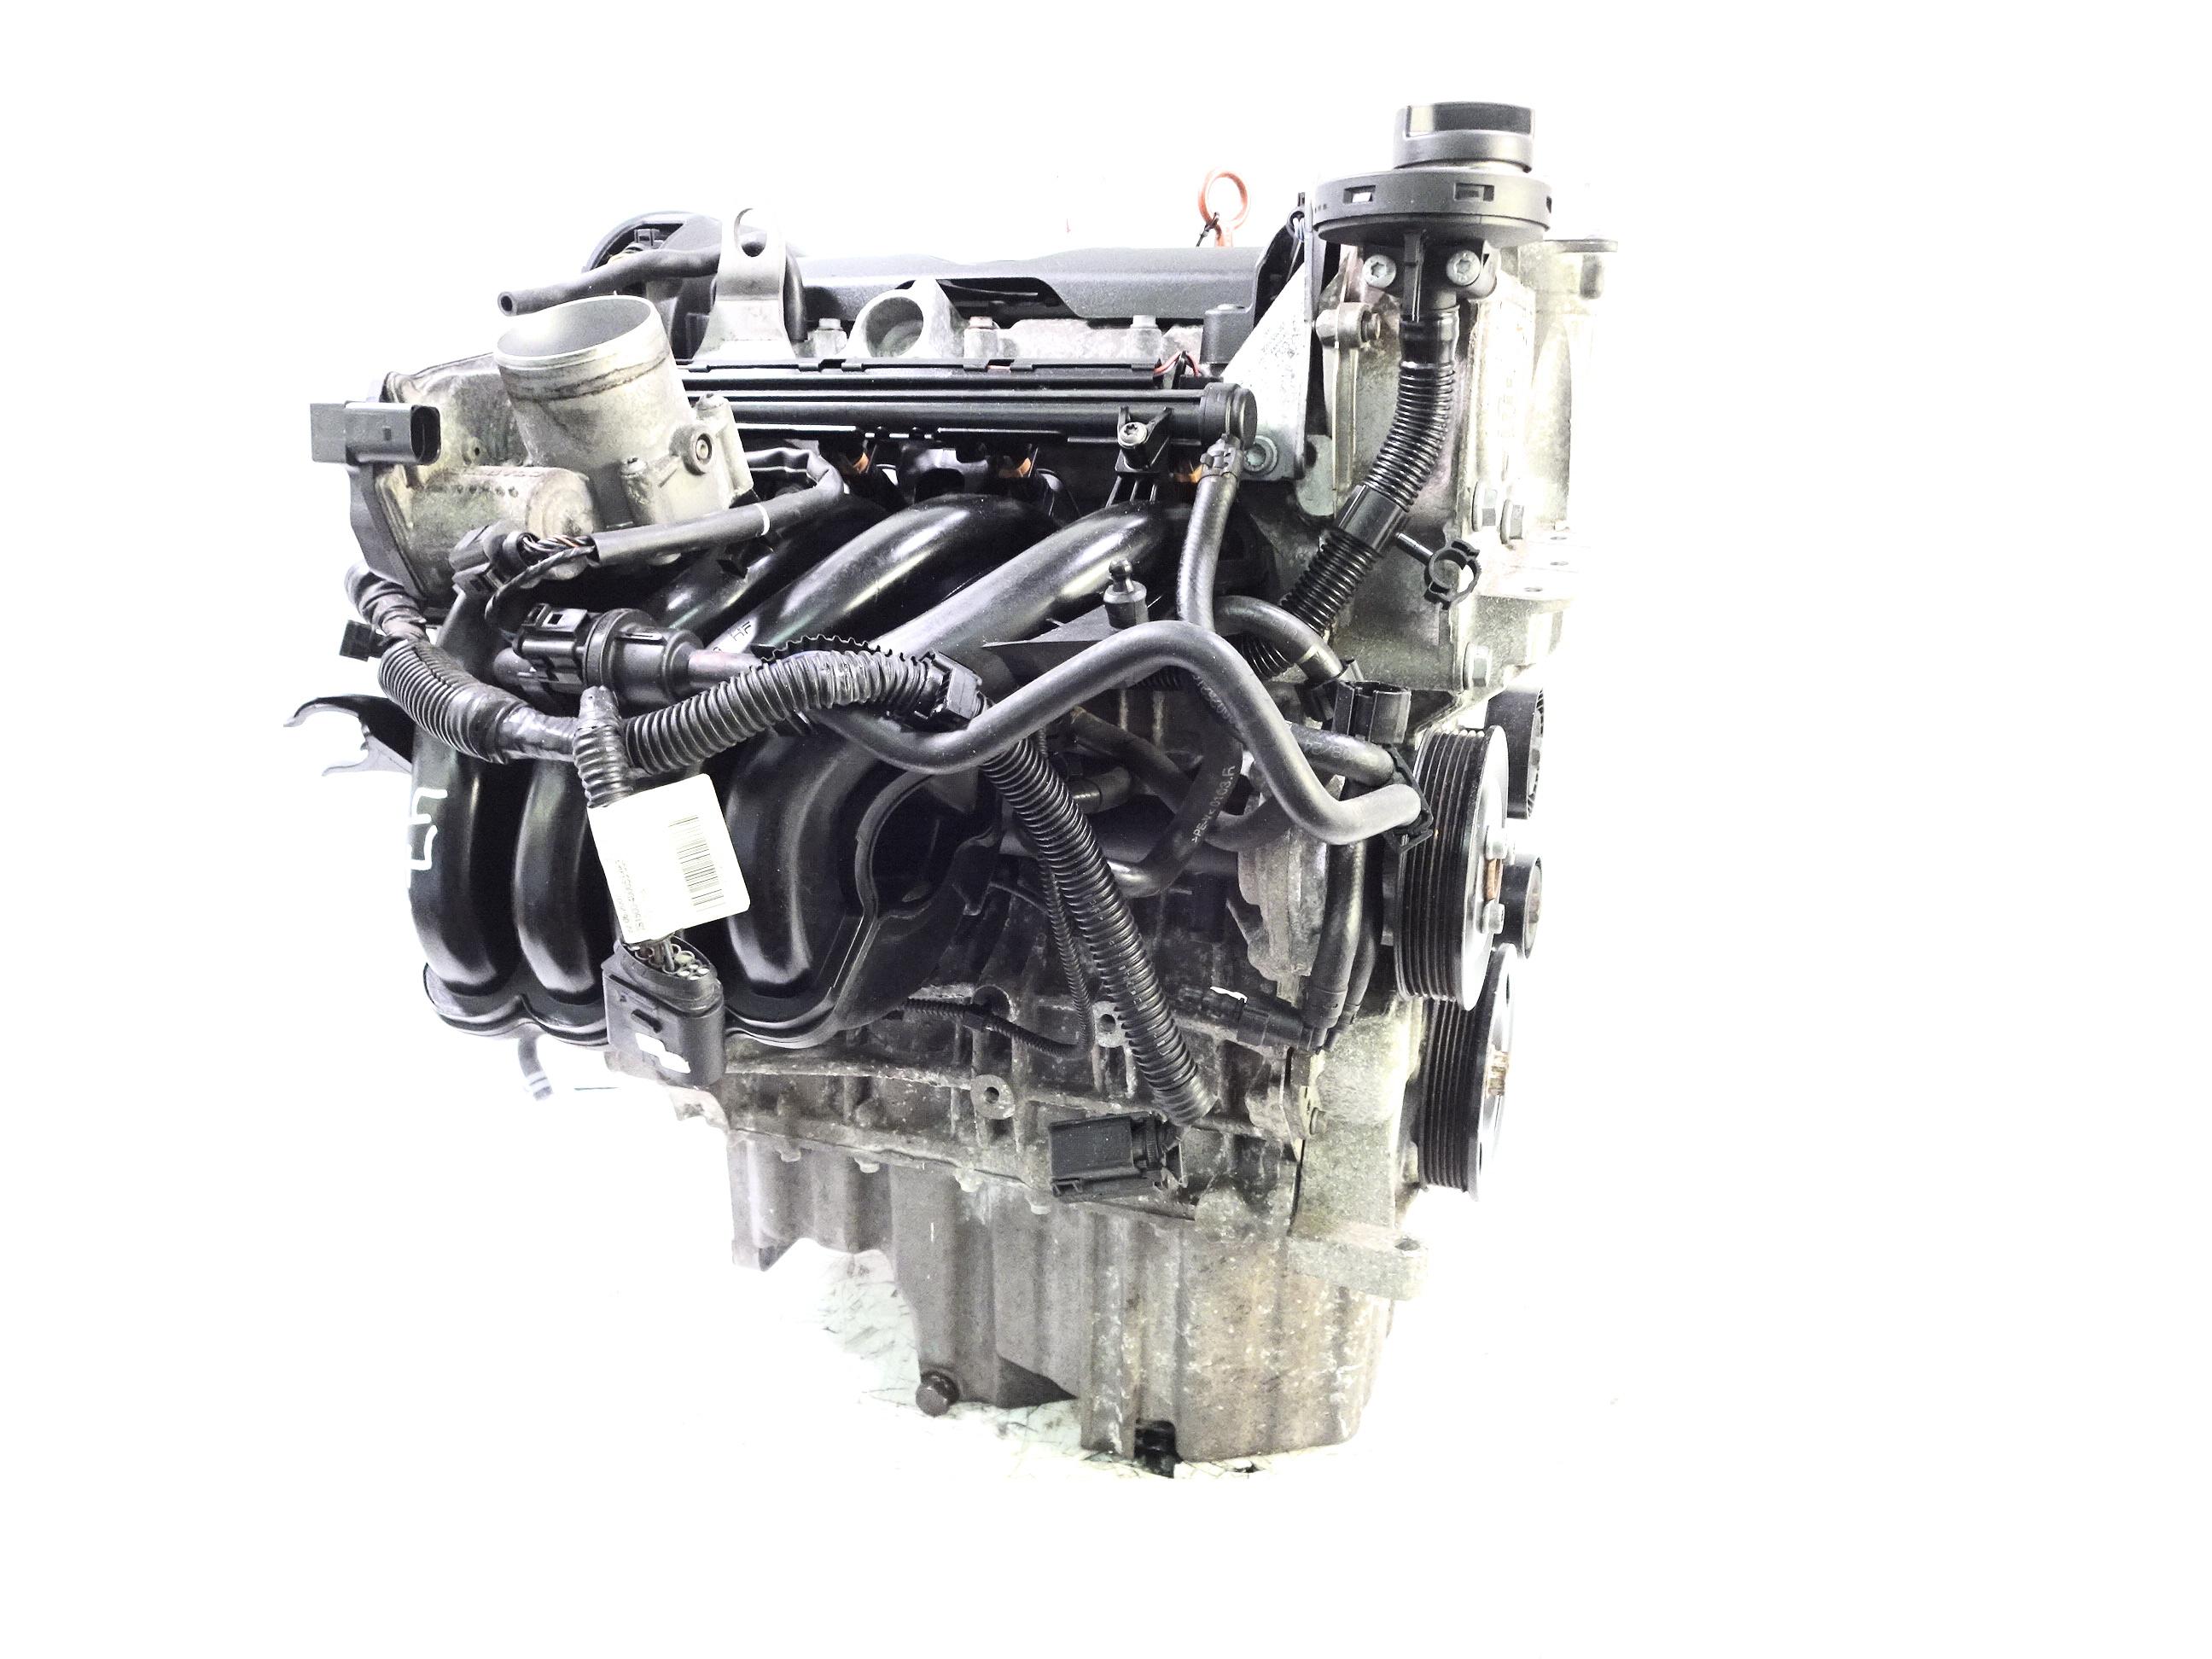 Motor 2008 Skoda 1,6 BTS 105 PS mit Anbauteilen